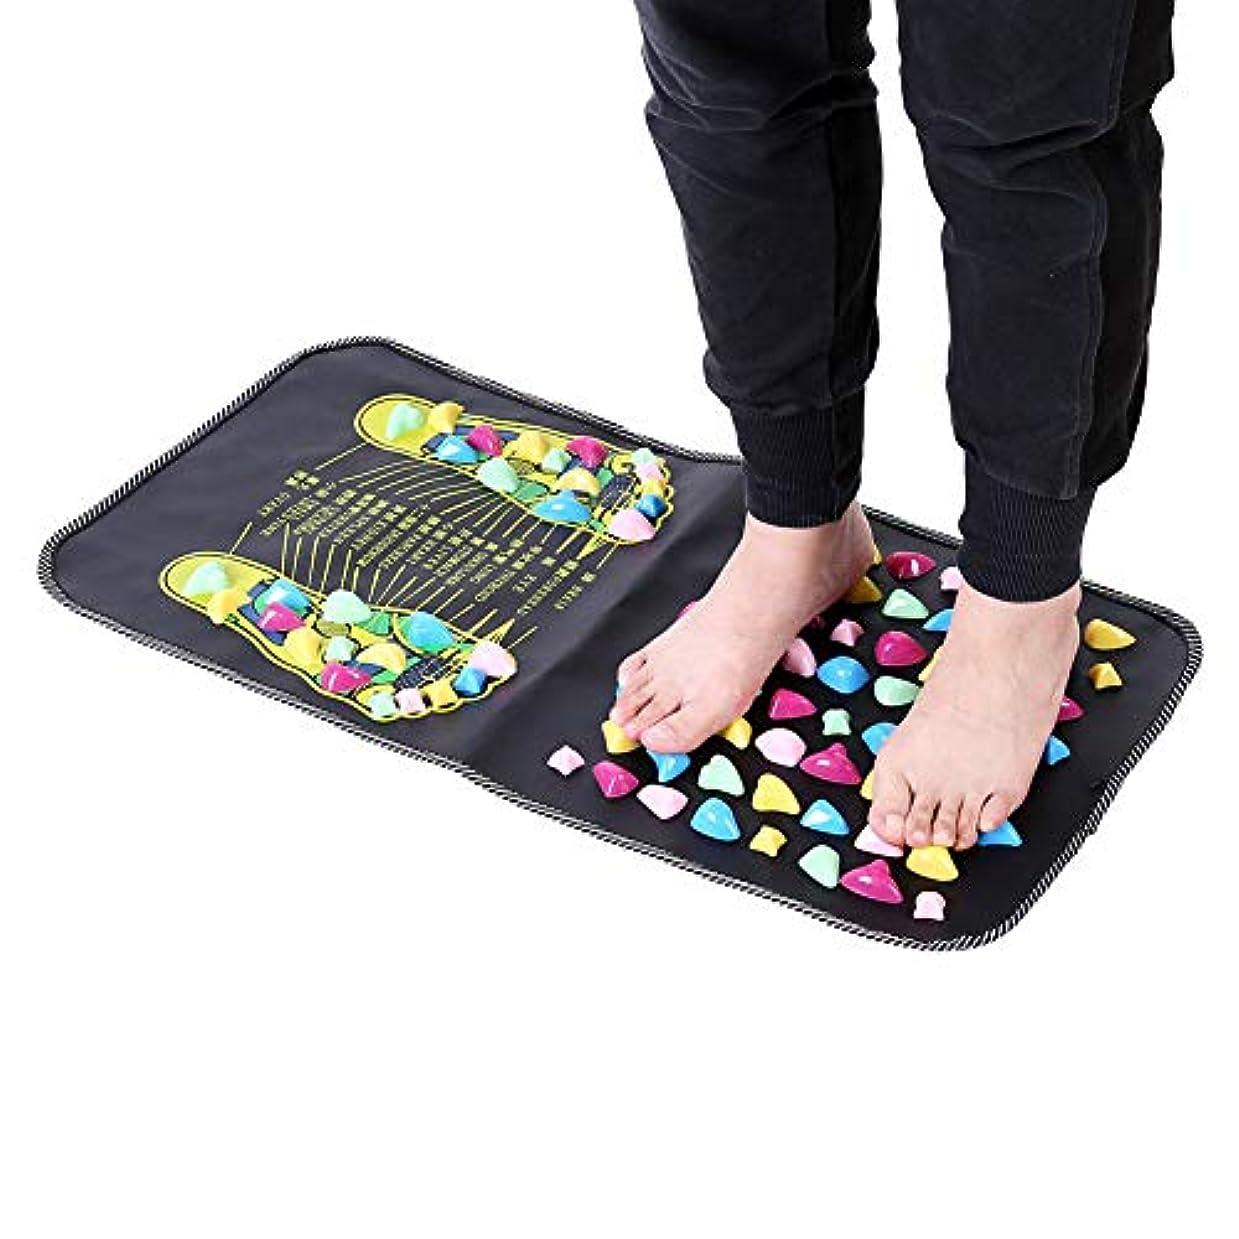 大工覚醒応援するフットマッサージマット、自然で健康的な足のウォーキングマット、石のリラックスした圧力筋肉の痛みは足の足のマッサージマットを緩和します、深いティッシュの足の筋肉療法のため